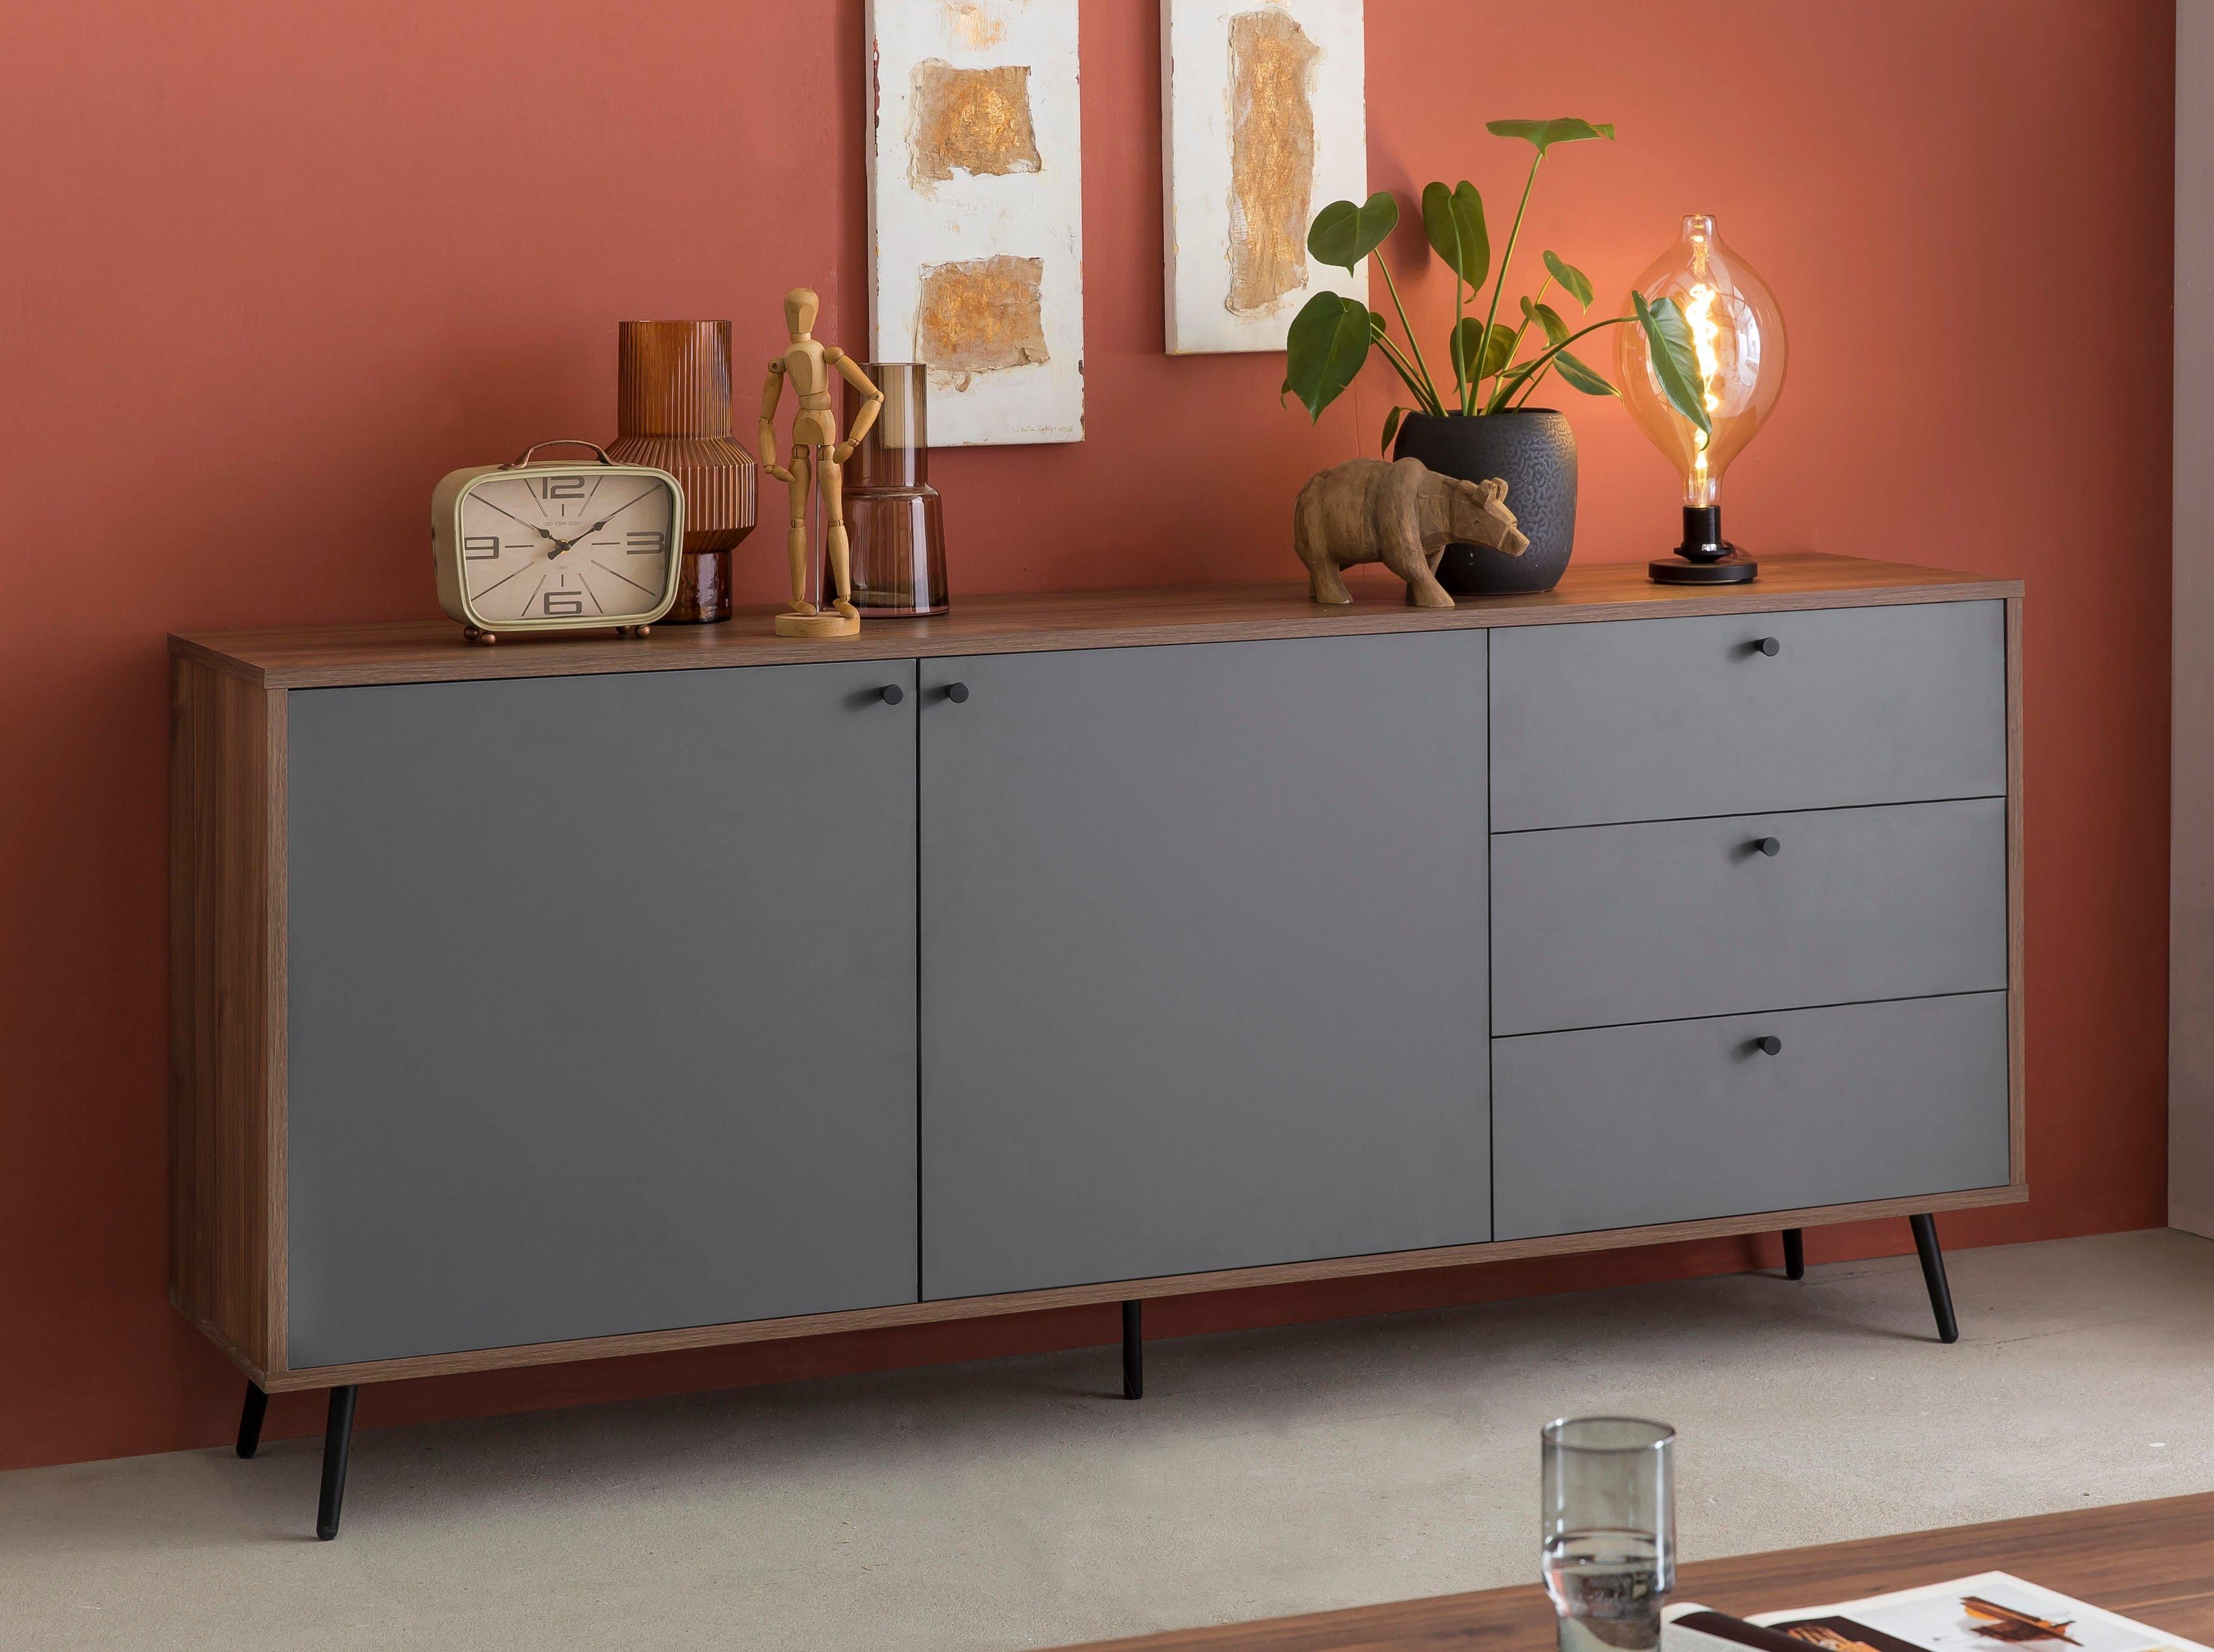 SalesFever dressoir in moderne kleurencombinatie van walnoot en grijs voordelig en veilig online kopen